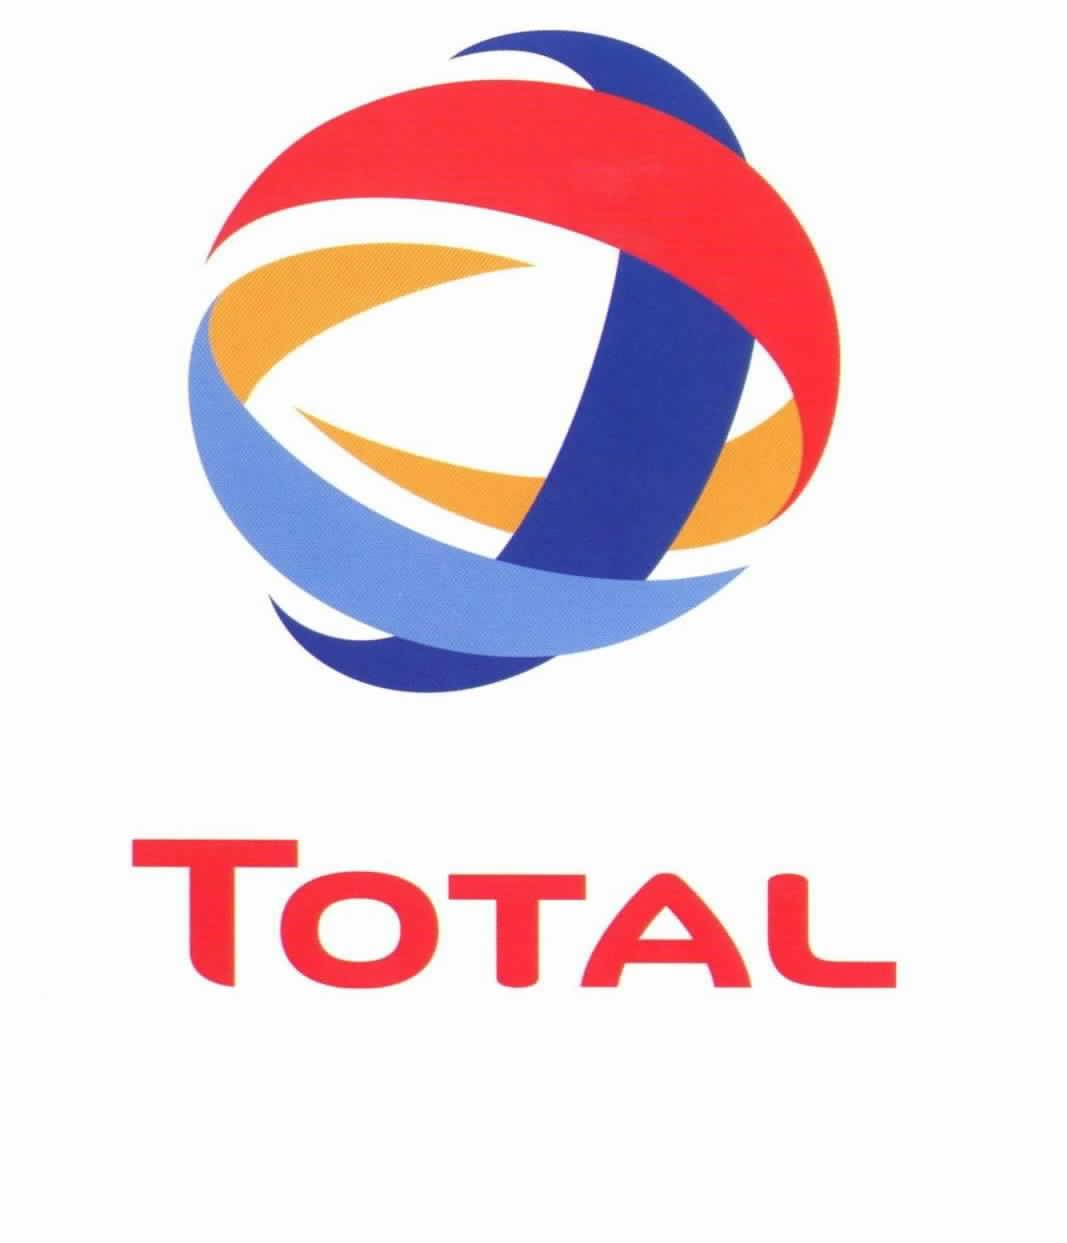 total_logo3